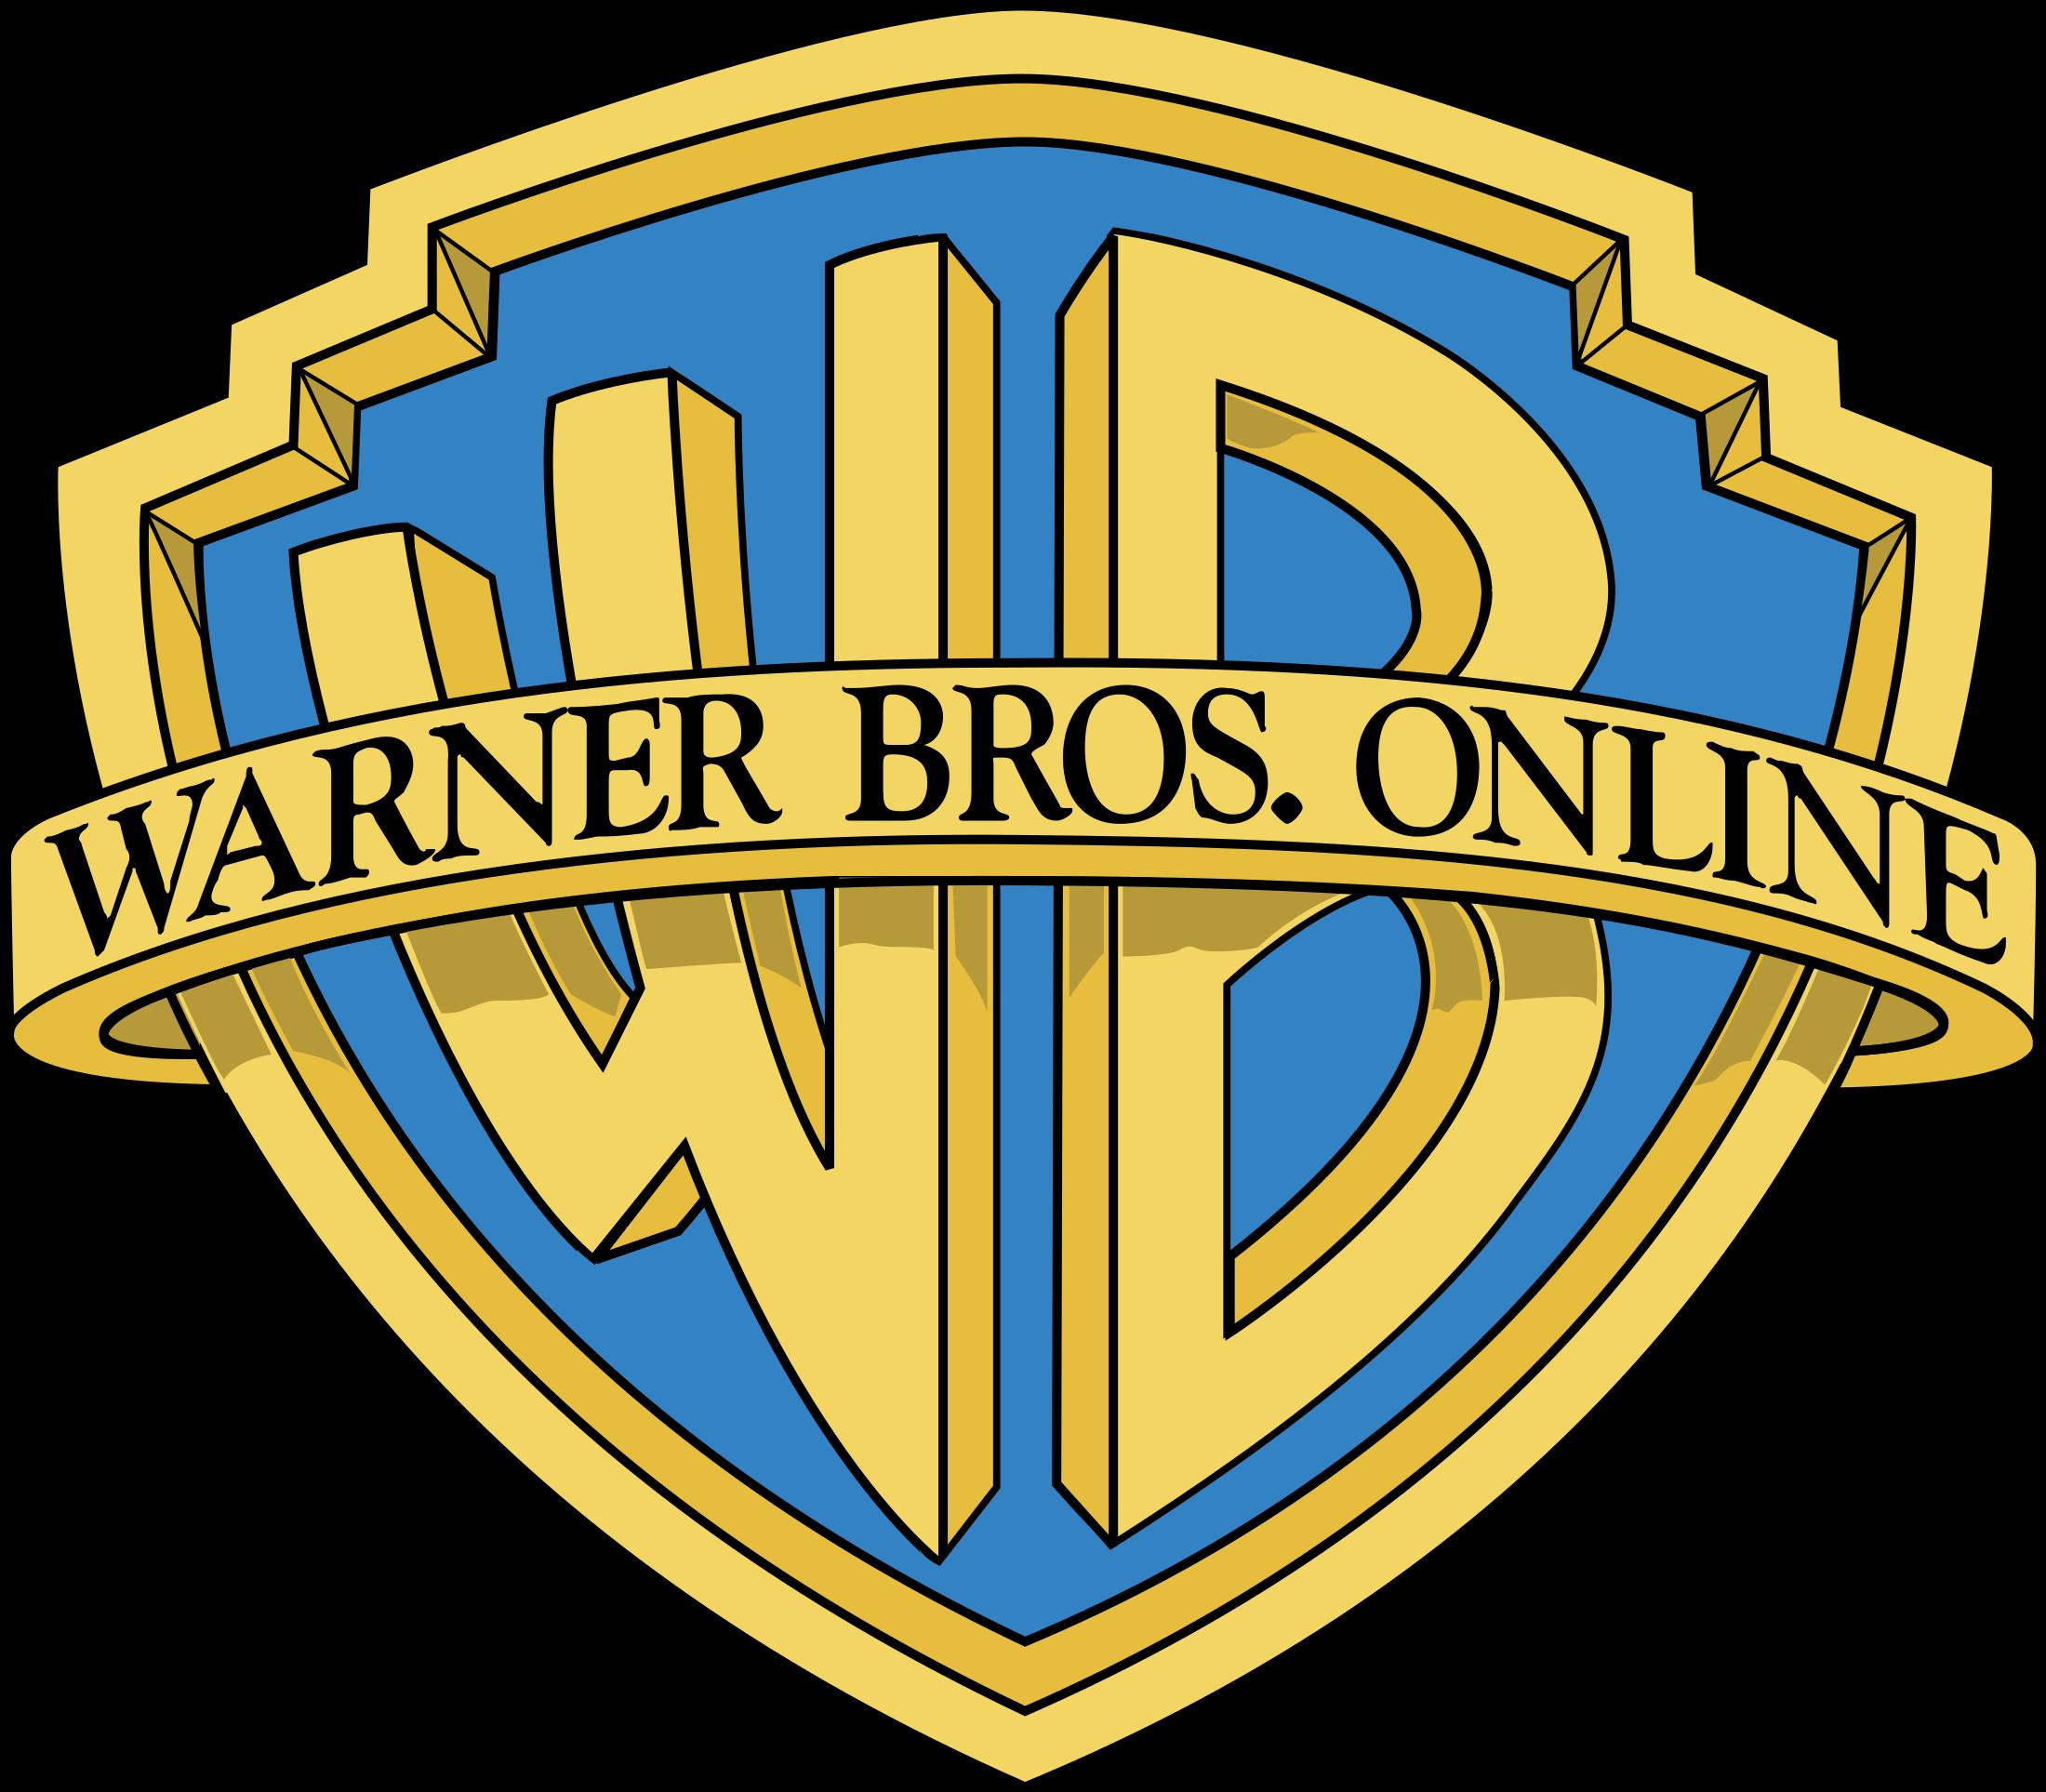 Warner Bros Online Logo Png Transparent Lions Gate.